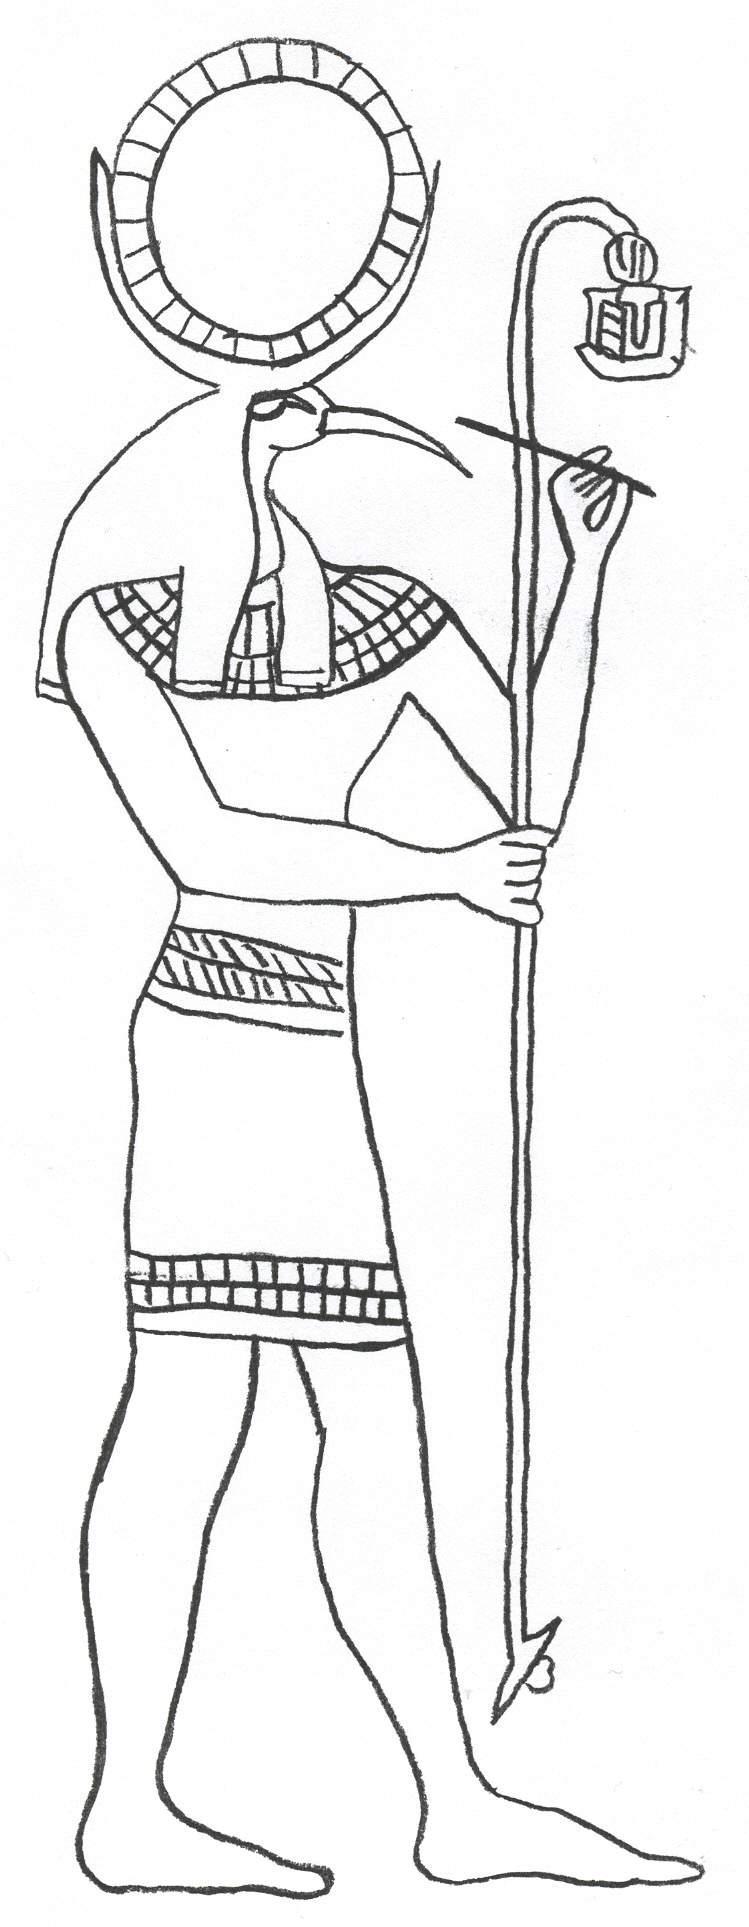 Древний мир, бог египта, человек с головой птицы и шаром Раскраски для мальчиков бесплатно